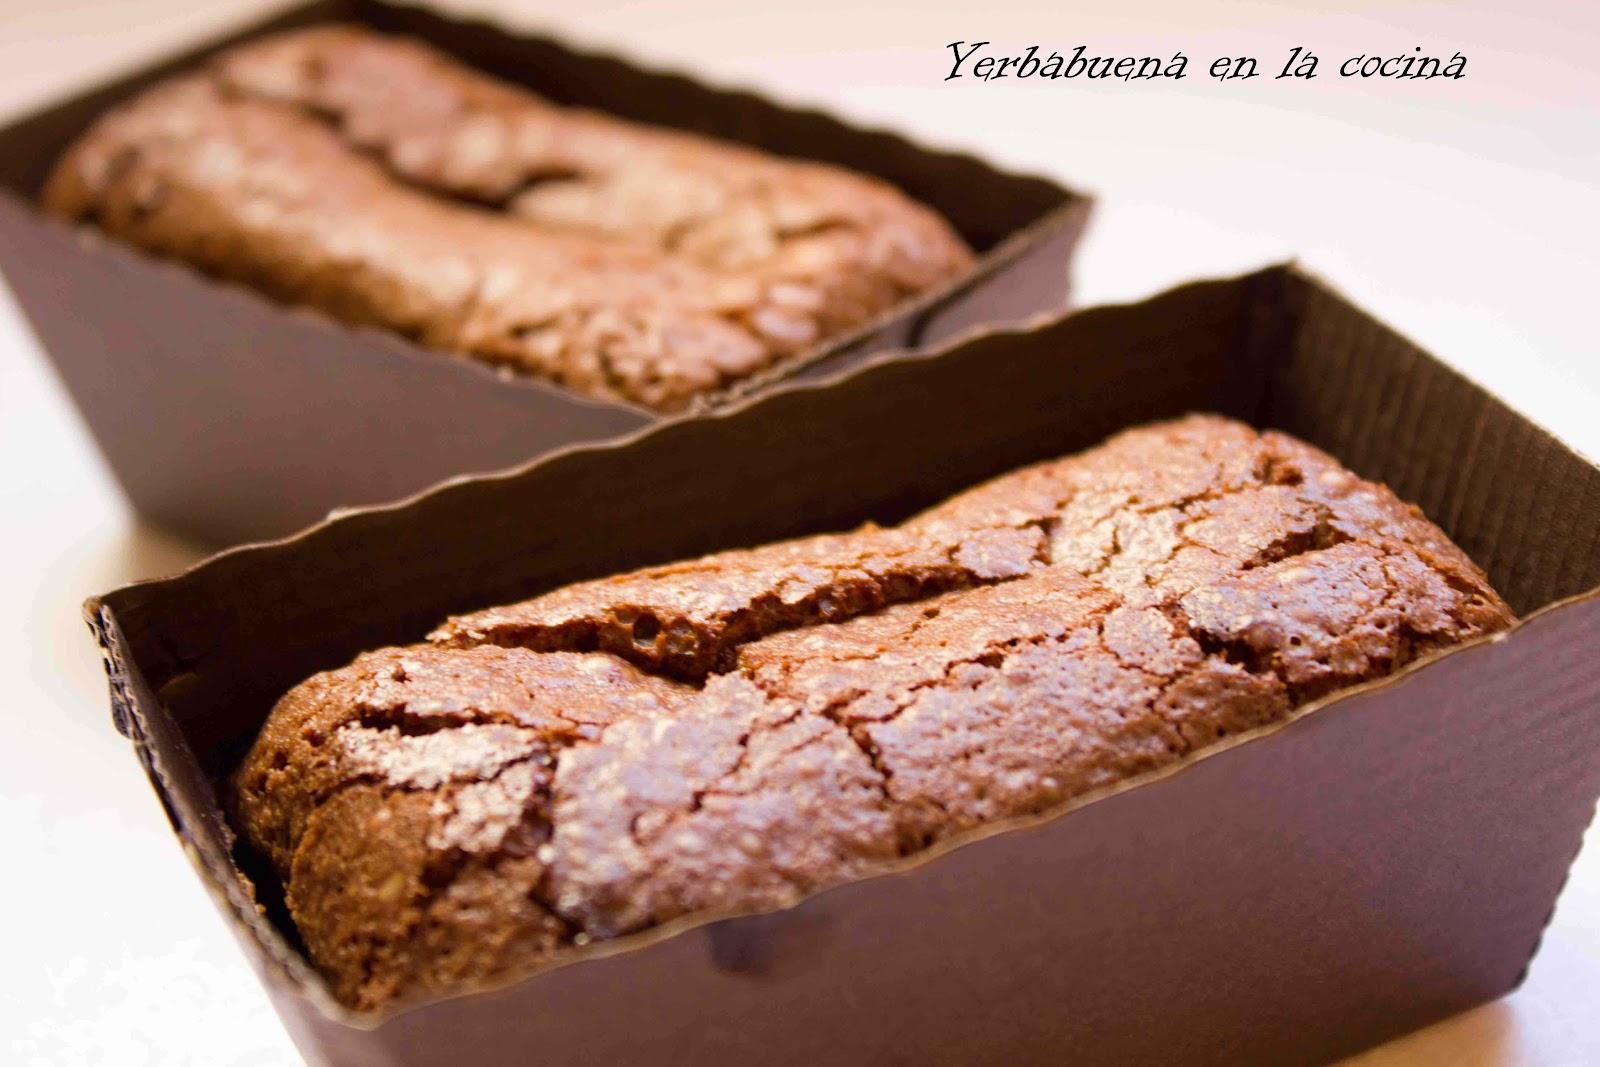 brownie con nueces yerbabuena en la cocina